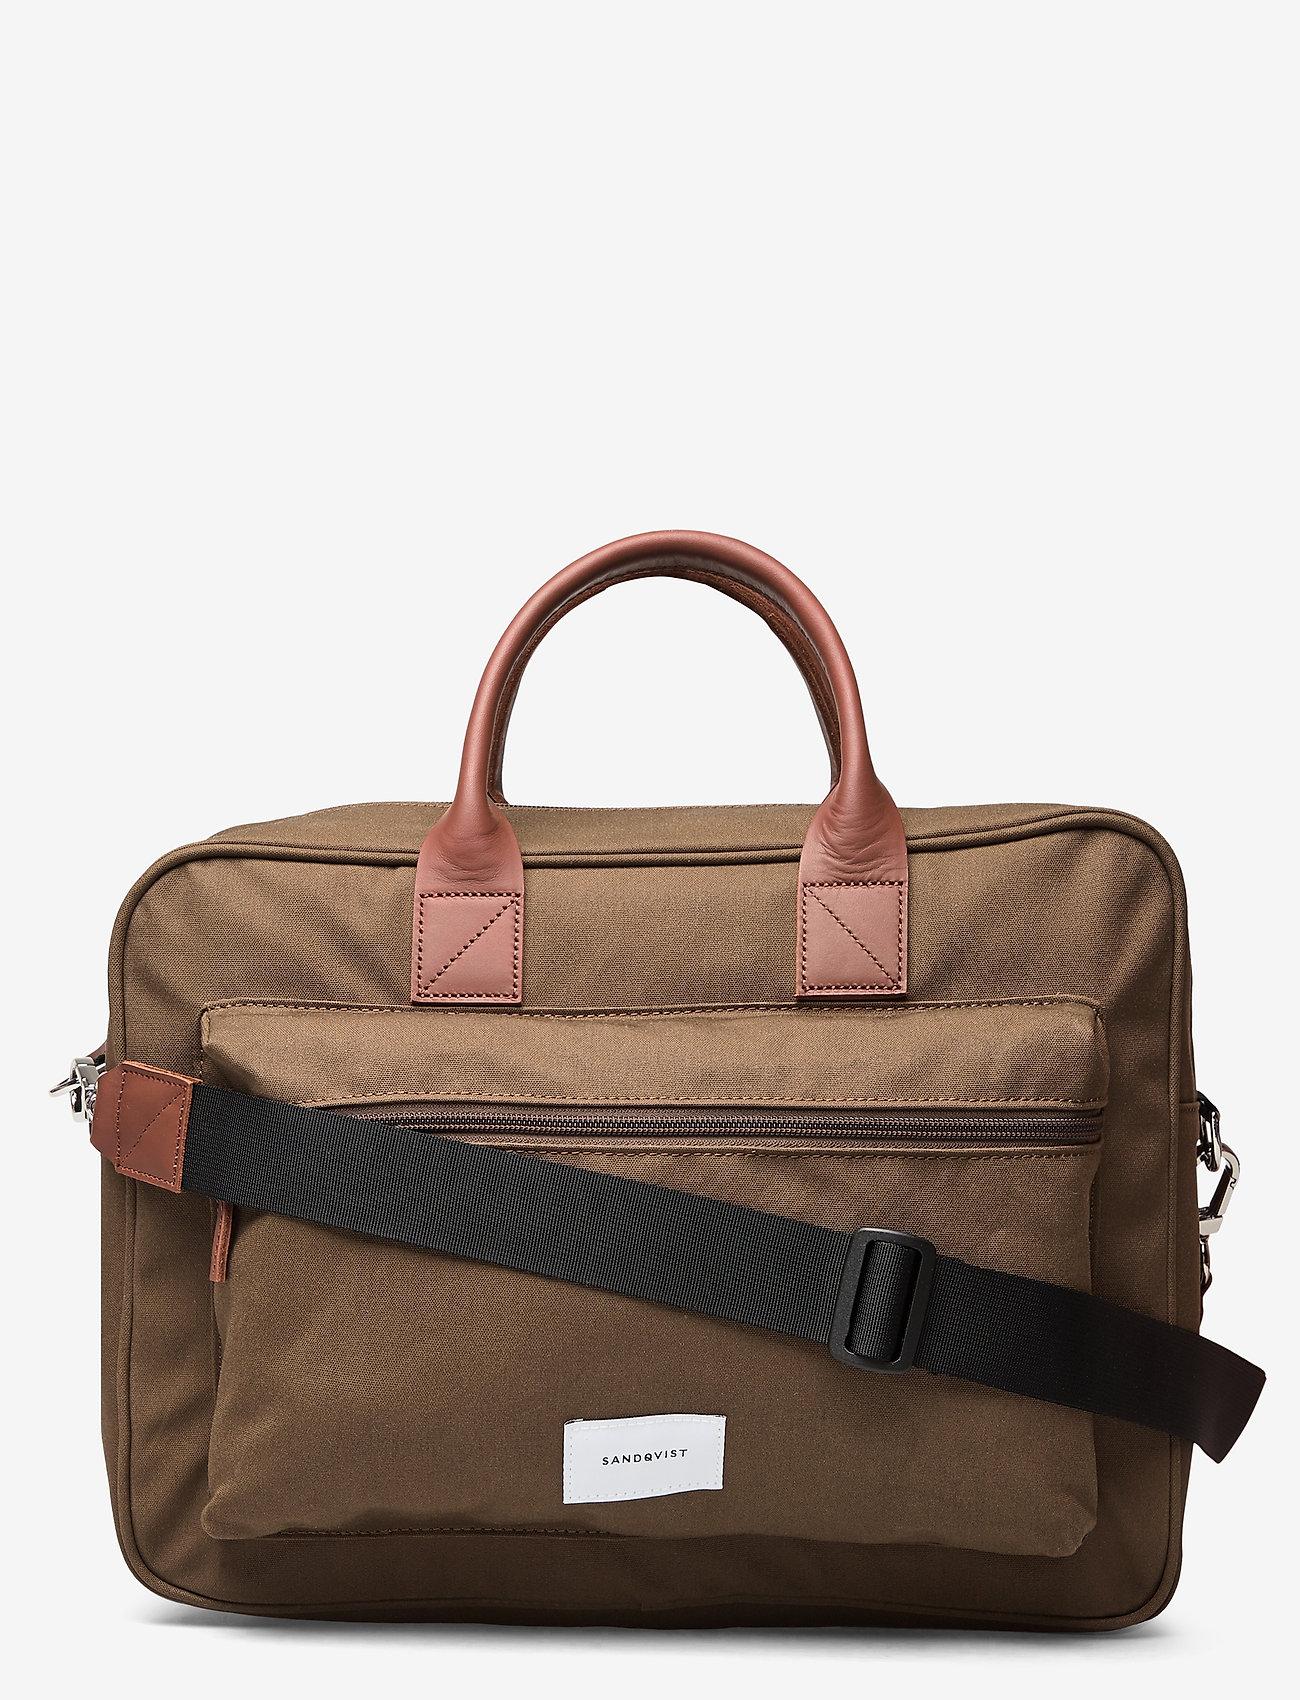 SANDQVIST - EMIL - tassen - olive with cognac brown leather - 0